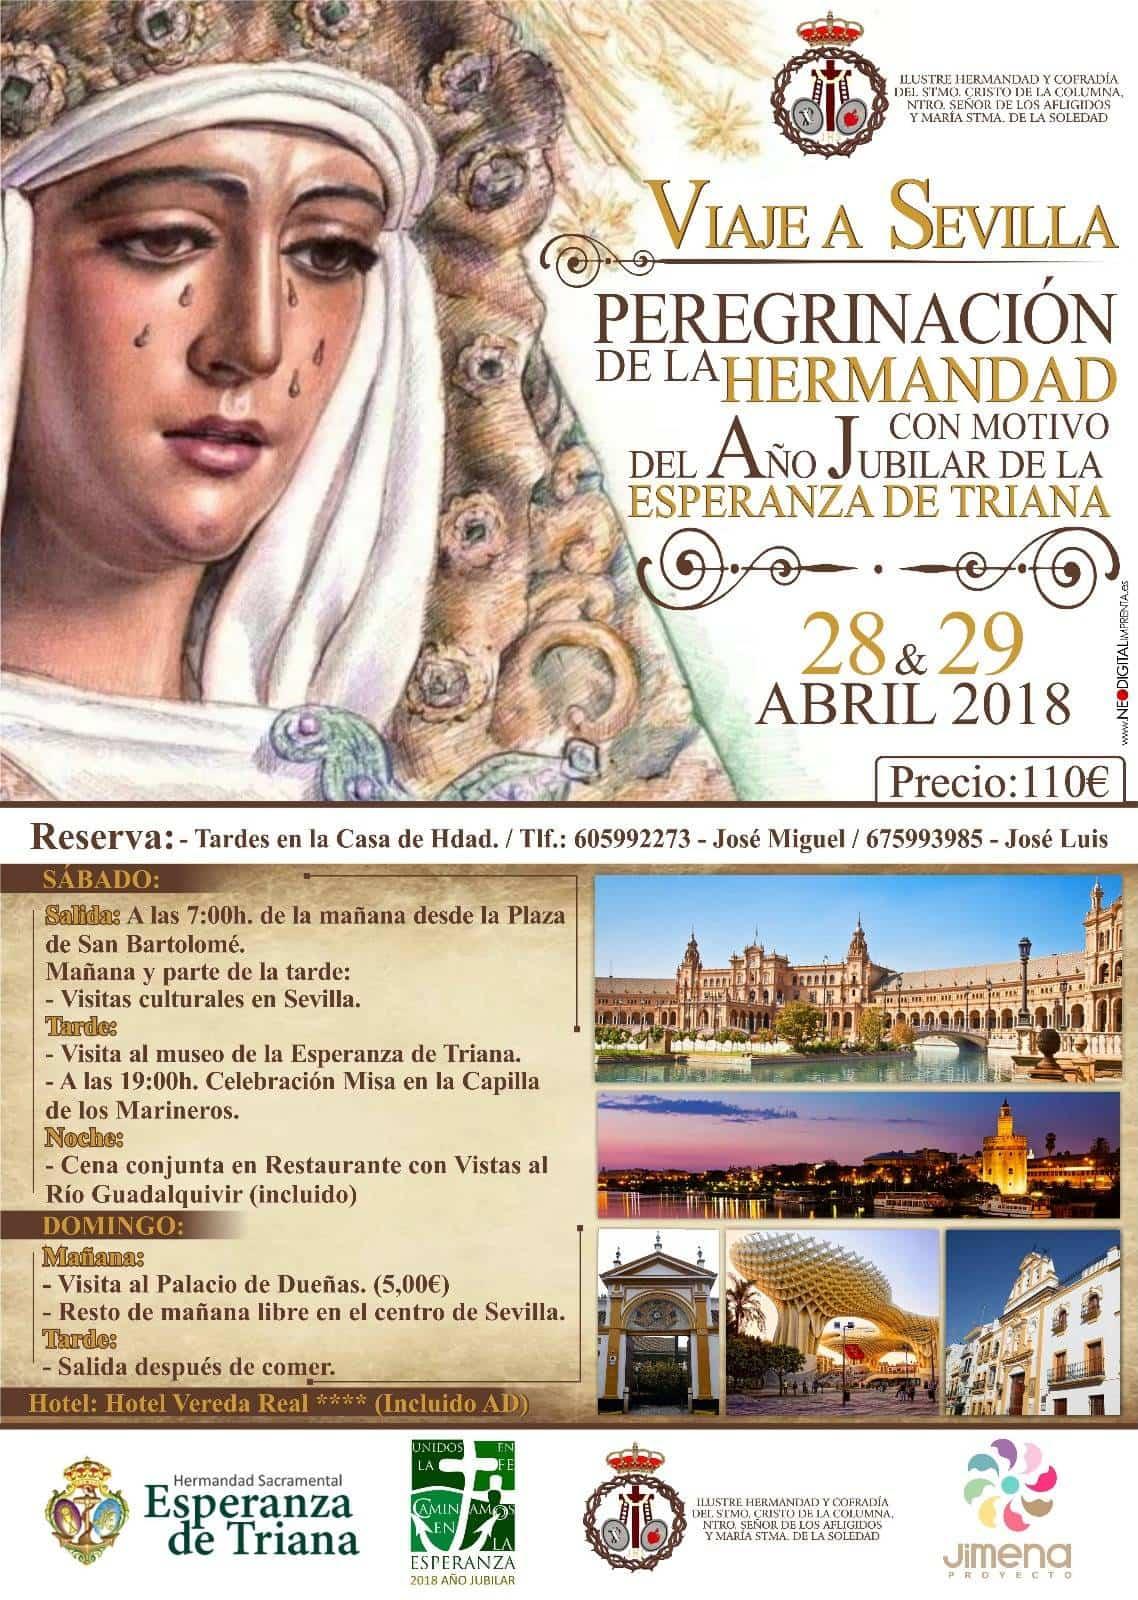 La Hermandad de El Santo organiza un viaje-peregrinación a Sevilla 3